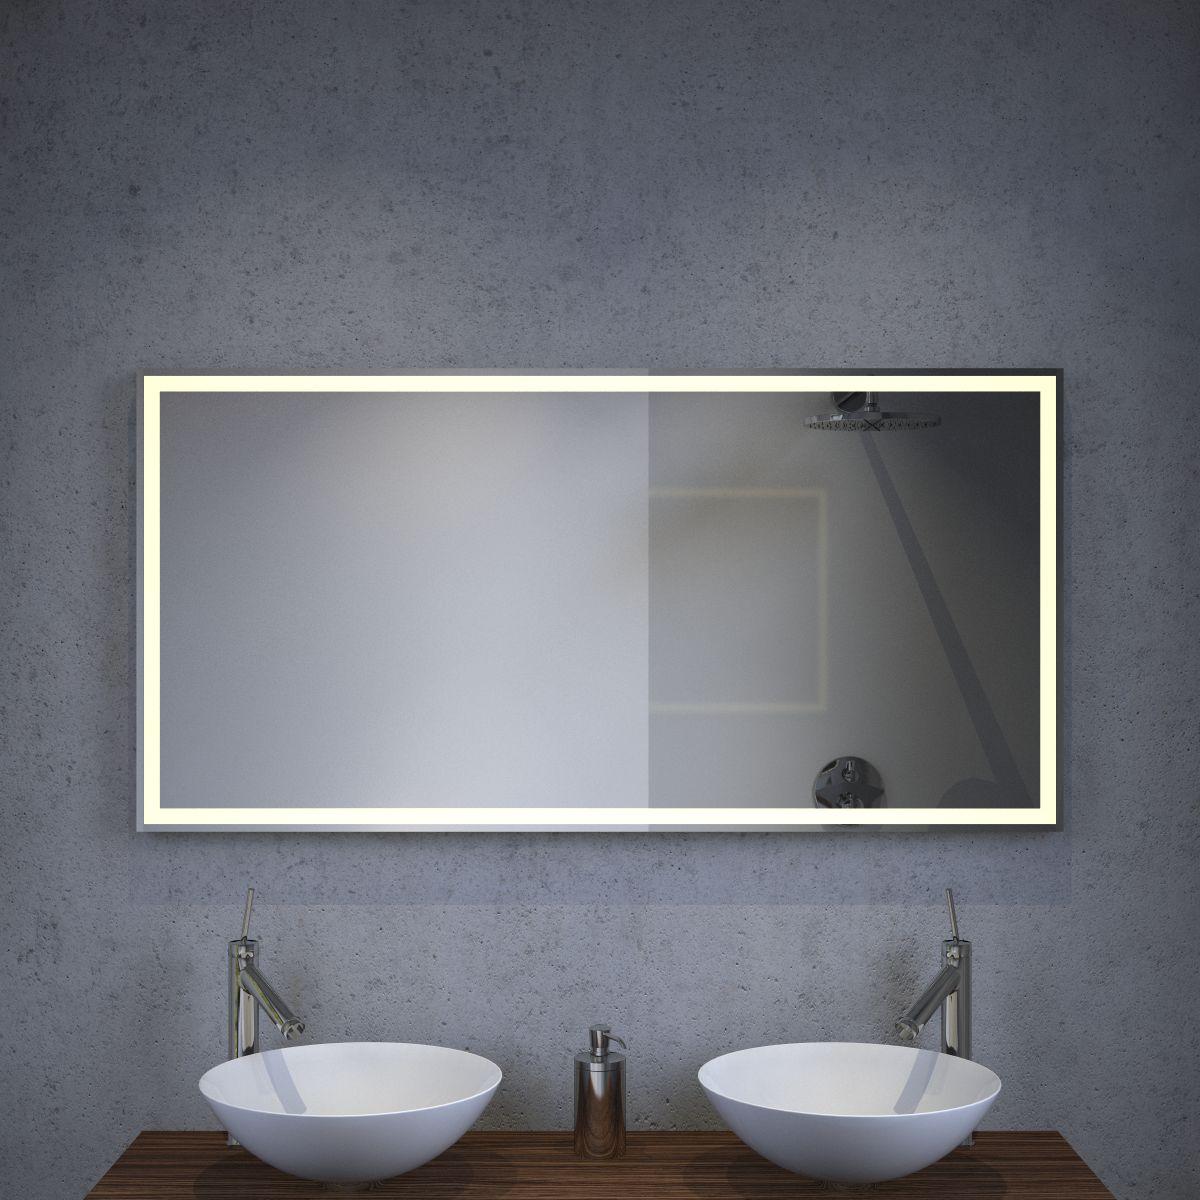 Hoogte Spiegelkast Badkamer.Badkamer Led Spiegel Met Verwarming En Sensor 120x60 Cm Designspiegels